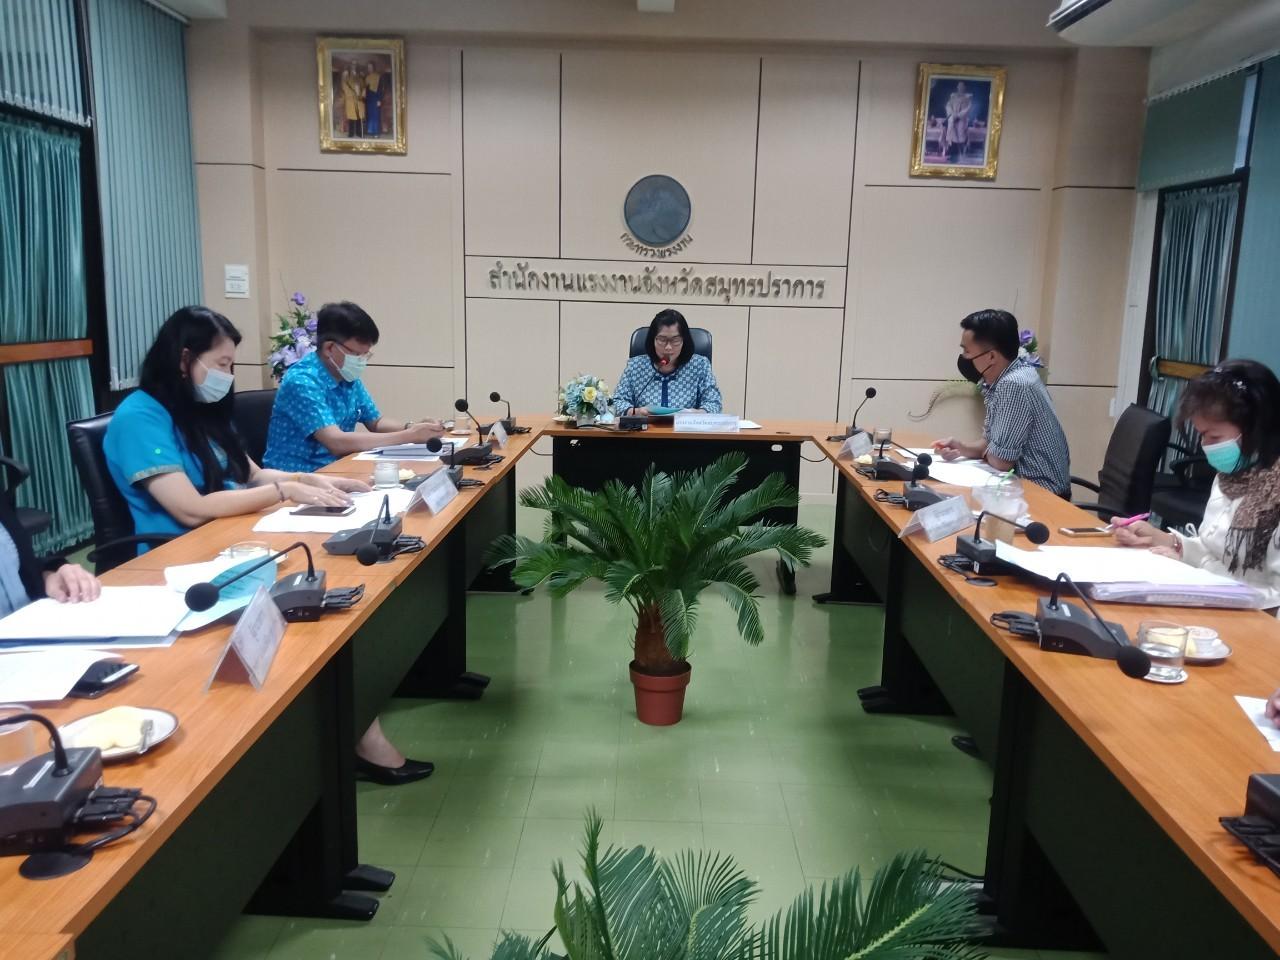 การประชุมหัวหน้าส่วนราชการสังกัดกระทรวงแรงงานจังหวัดสมุทรปราการ เพื่อพิจารณาแนวทาง/แผน ในการเฝ้าระวัง การป้องกัน การแพร่ระบาดของโรคติดเชื้อไวรัสโคโรนา 2019 (COVID-19) ในสถานประกอบการจังหวัดสมุทรปราการ